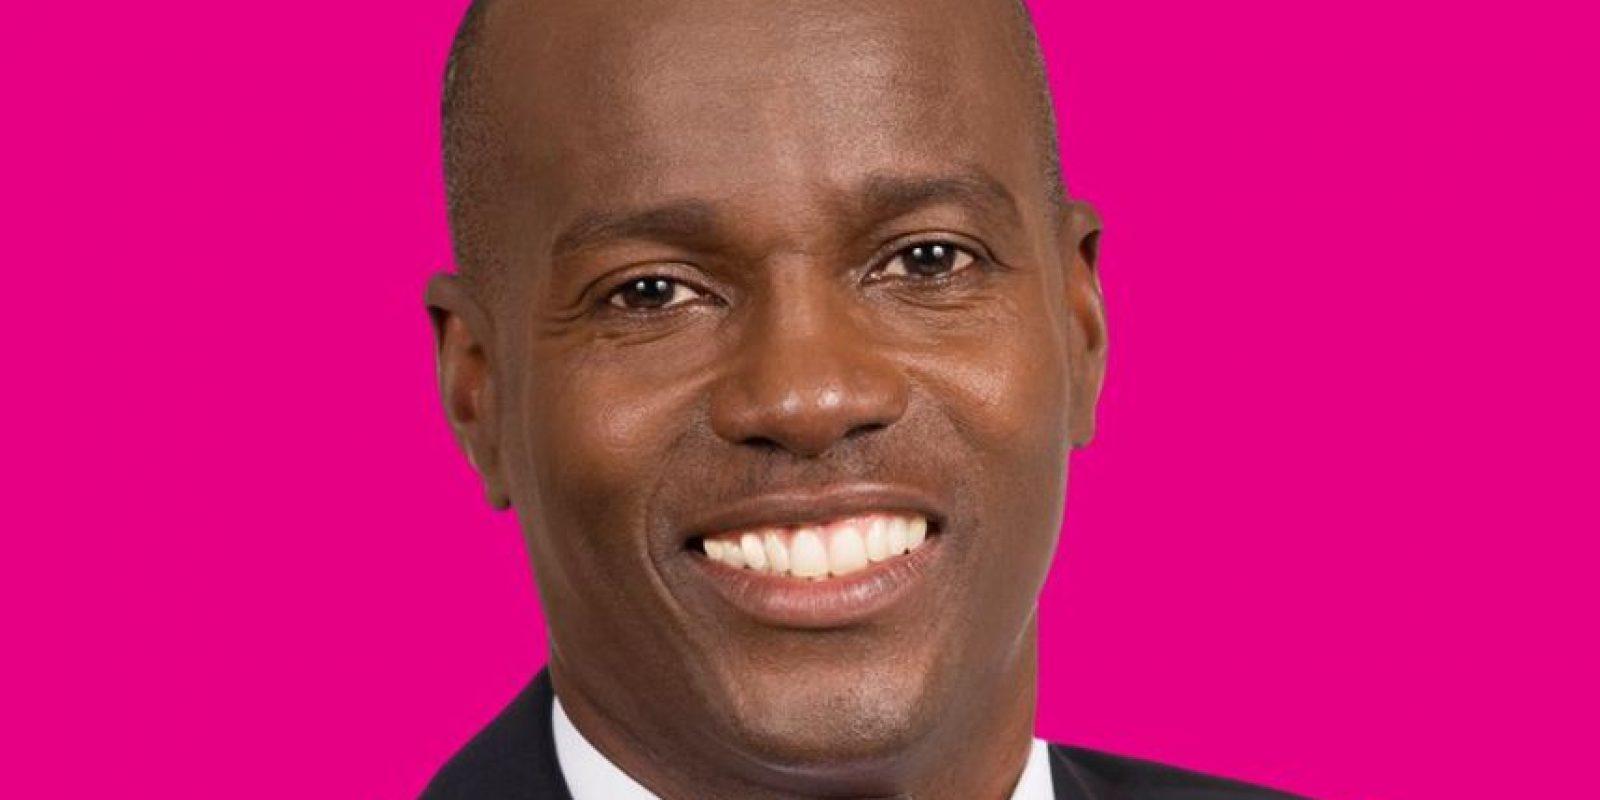 """Jovenel Moïse. Partido Haïtian Tet Kale (PHTK): Es agroempresario. Candidato oficialista, basa su campaña en la reforma agrícola. Según el politólogo consultado, Moïse es visto como un subalterno del actual presidente, Michel Martelly. """"Jovenel Moïse representa el modelo de la producción nacional porque entiende la lógica de la producción en masa que se traduce en la creación de empleo y riqueza para la clase baja"""", asegura Martelly."""